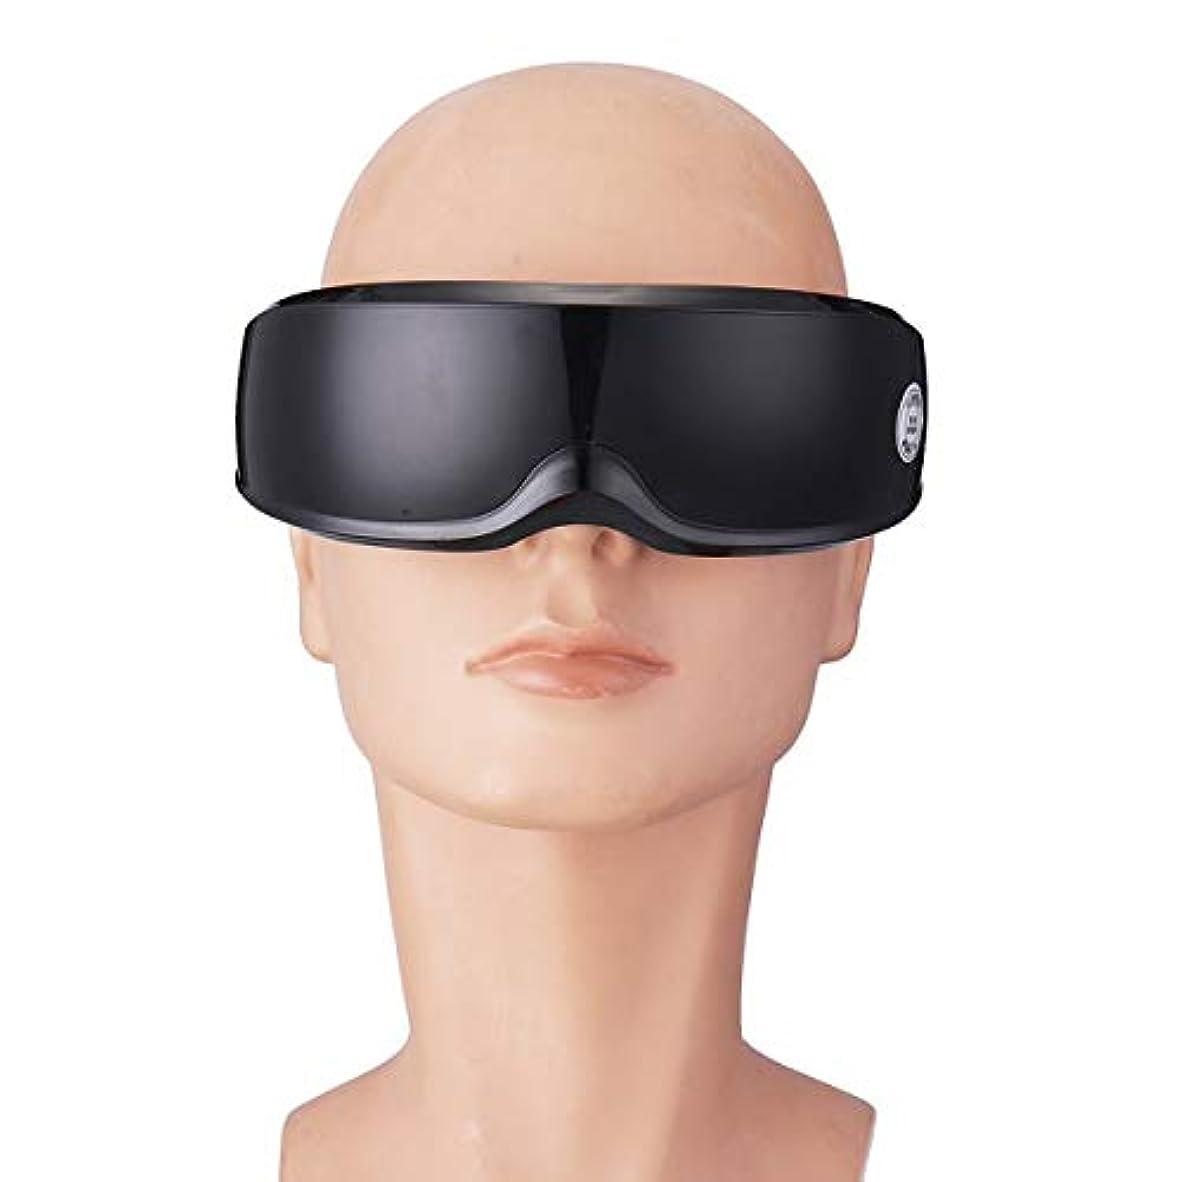 操縦する地雷原願望USB Charging Electric Eye Massager Heating Care Vibration Massage Stress Relief Relaxation Eyesight Recovery Eye...